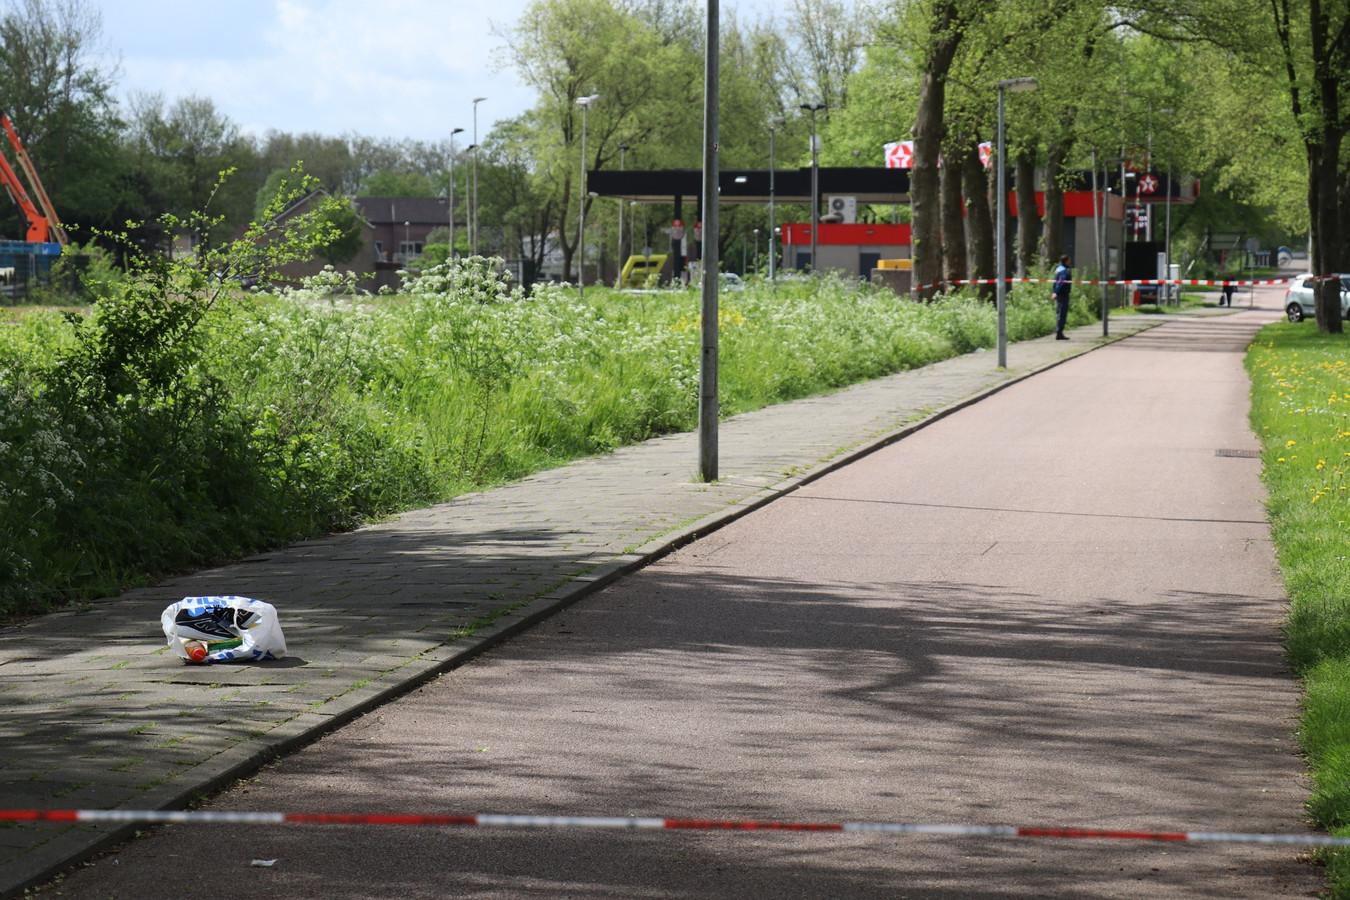 Een deel van het fietspad is afgezet. Op het pad ligt een plastic tasje met sportschoenen.